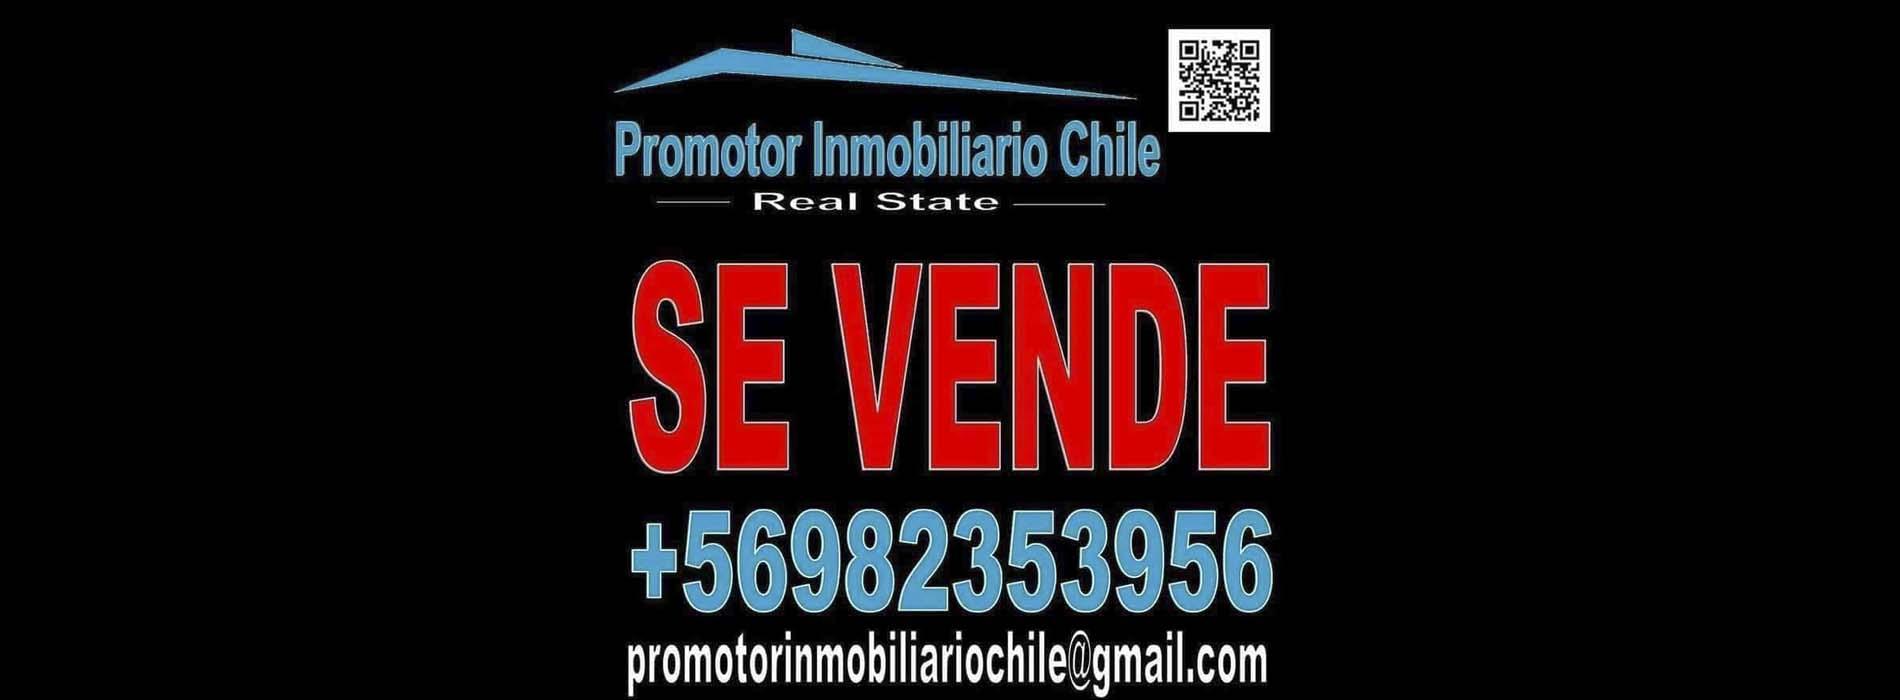 se_vende_promotor_banner.jpg